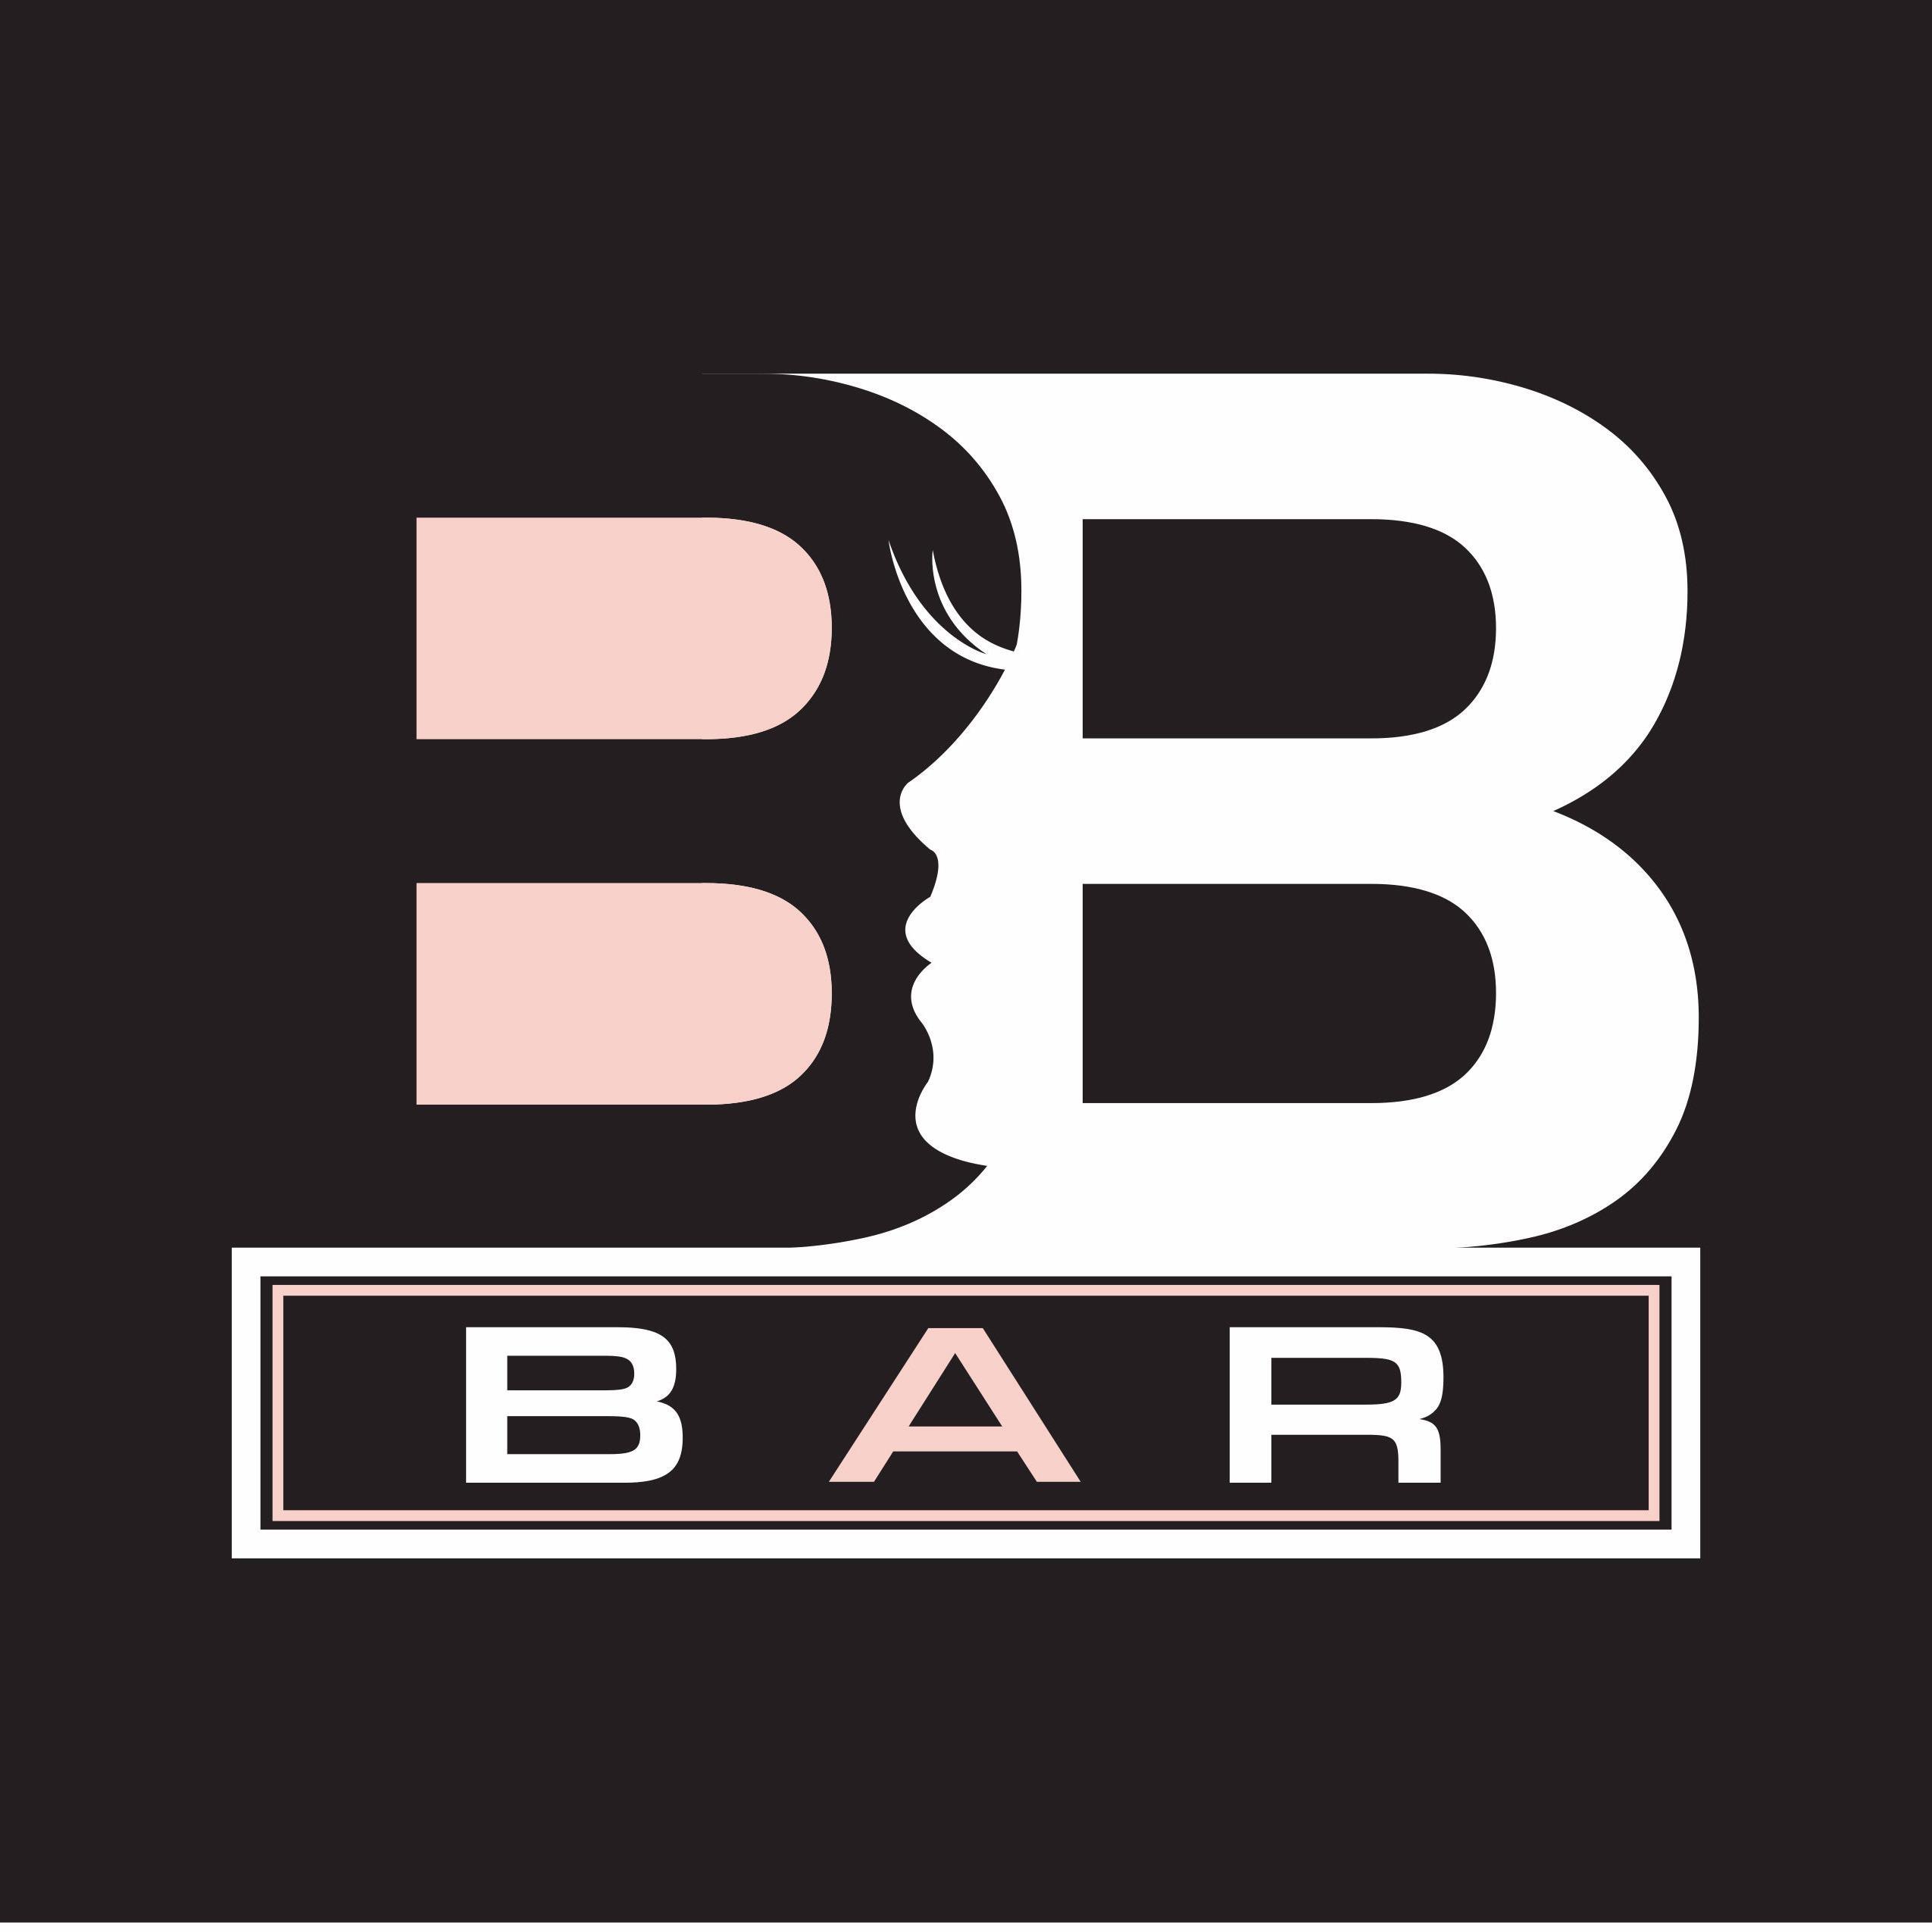 The BBbar Inc.